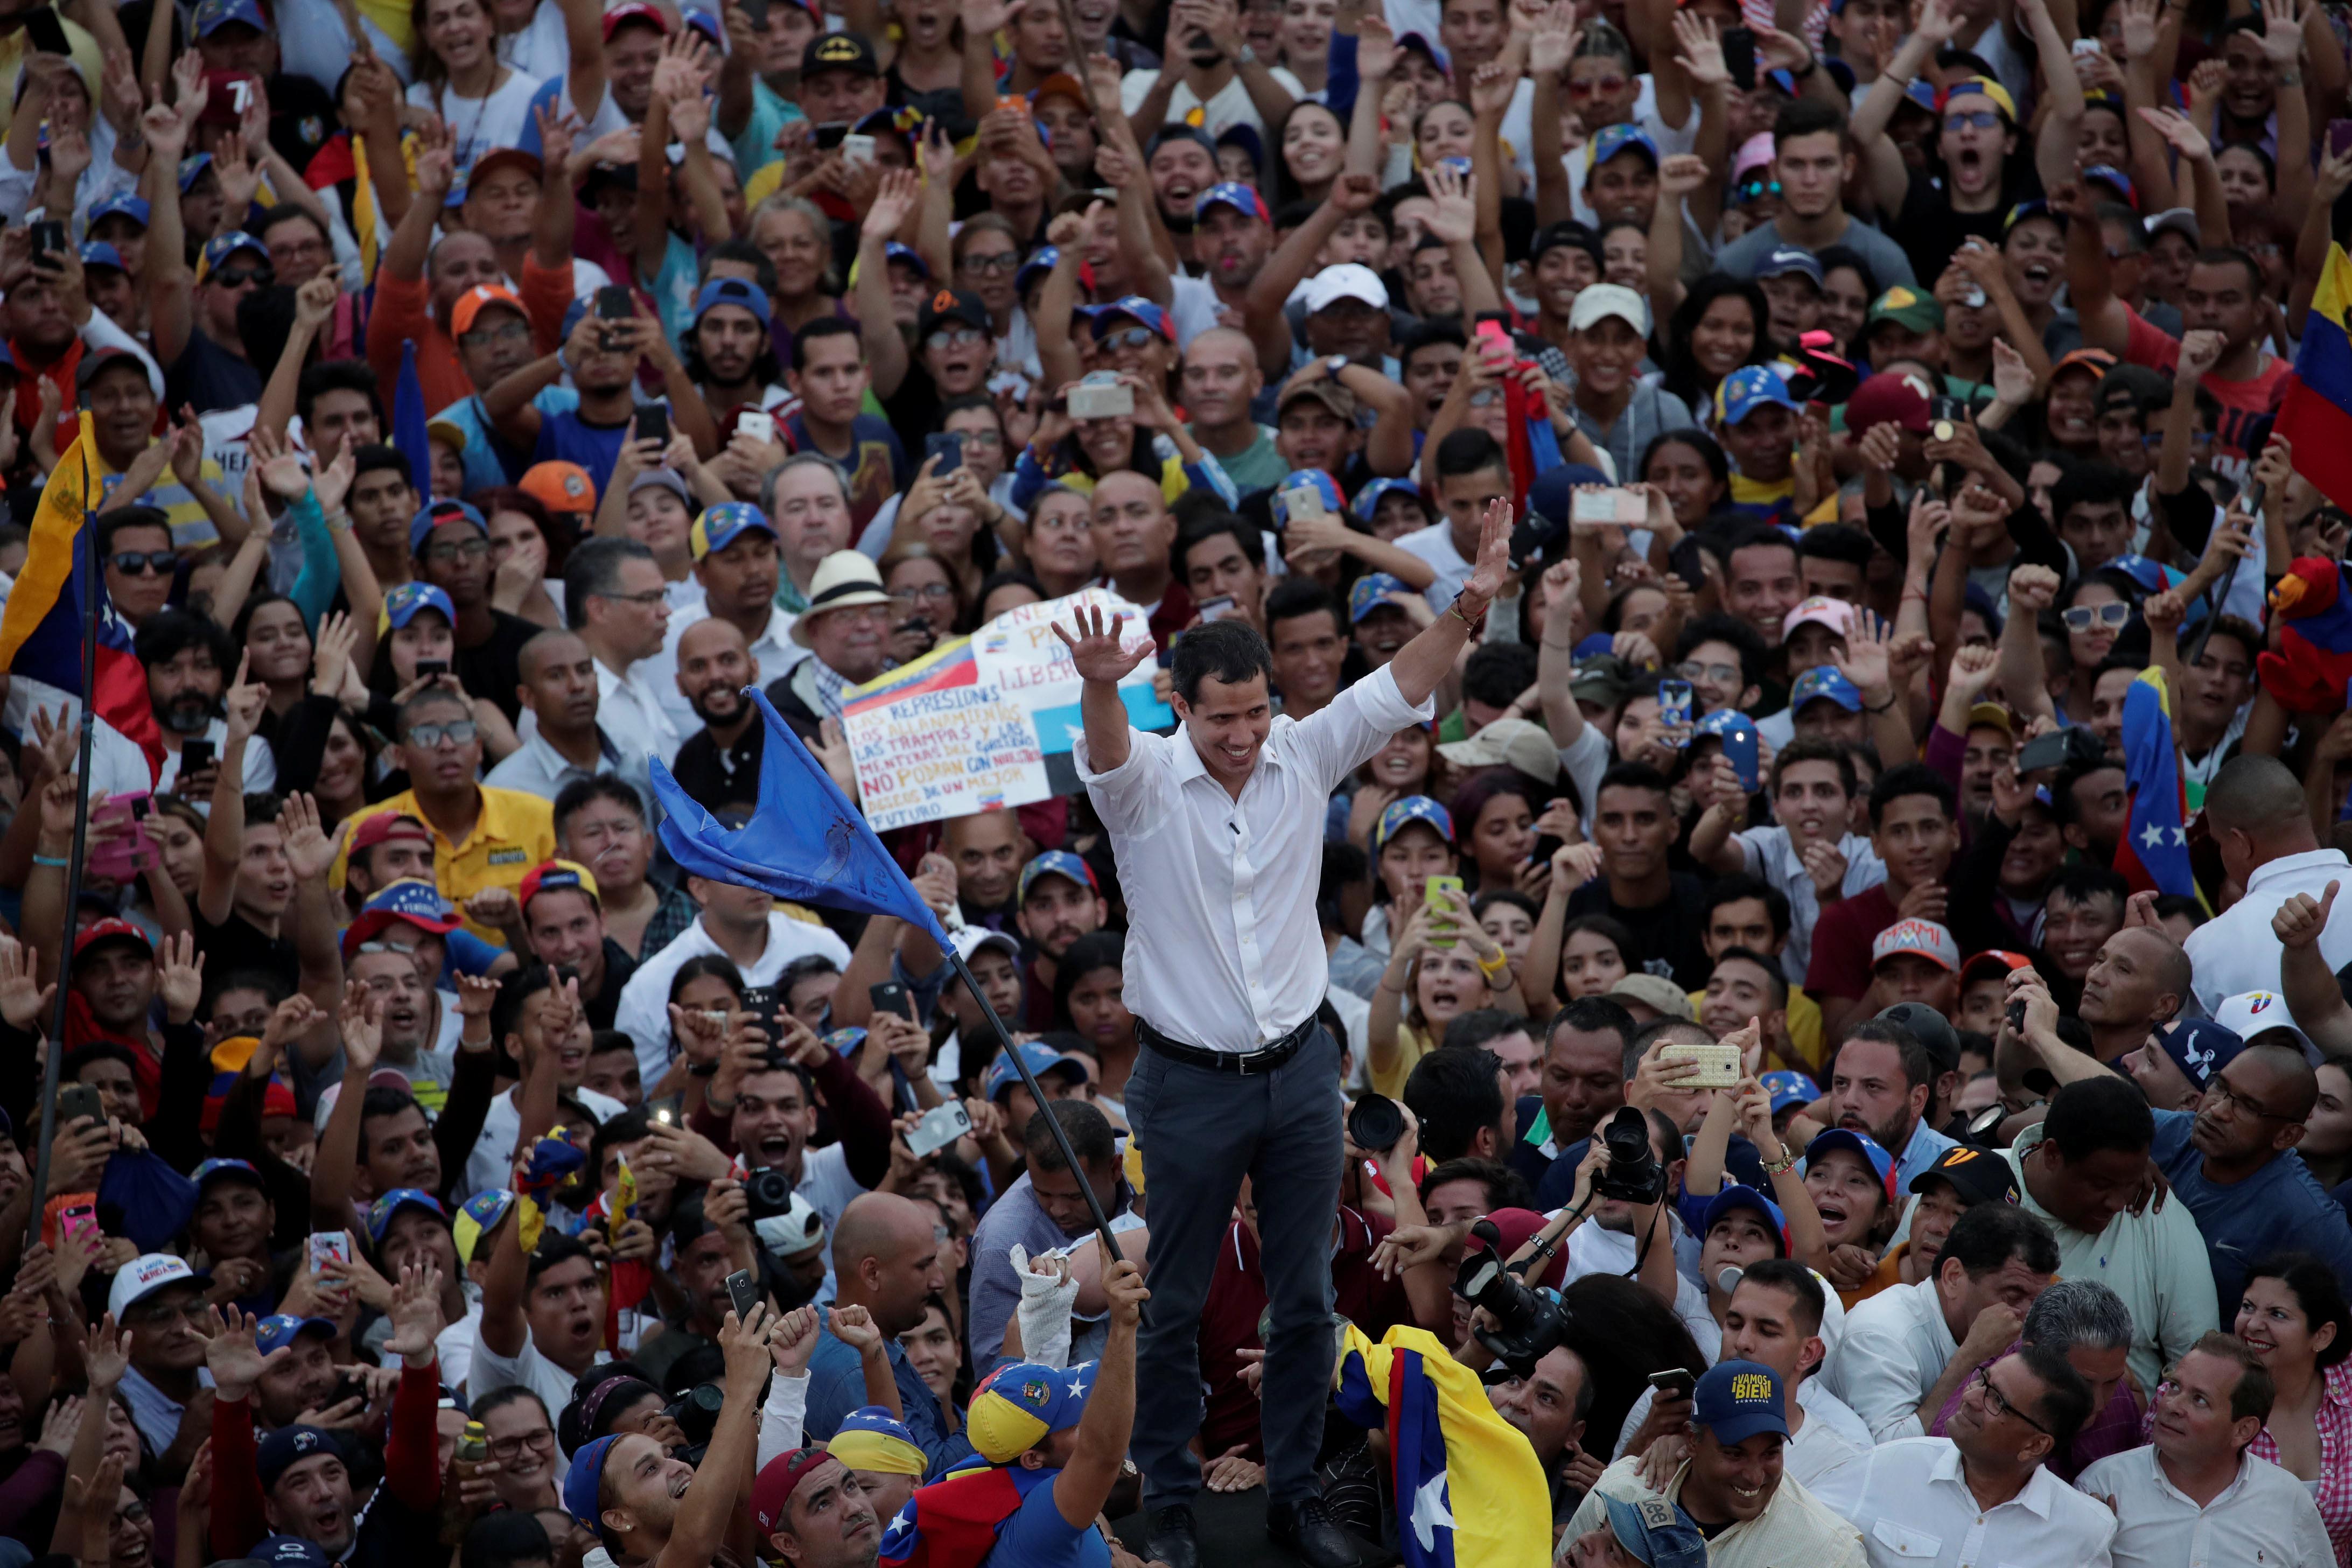 زعيم المعارضة الفنزويلية جوايدو يشارك في مظاهرة خلال زيارته لماراكايبو 6